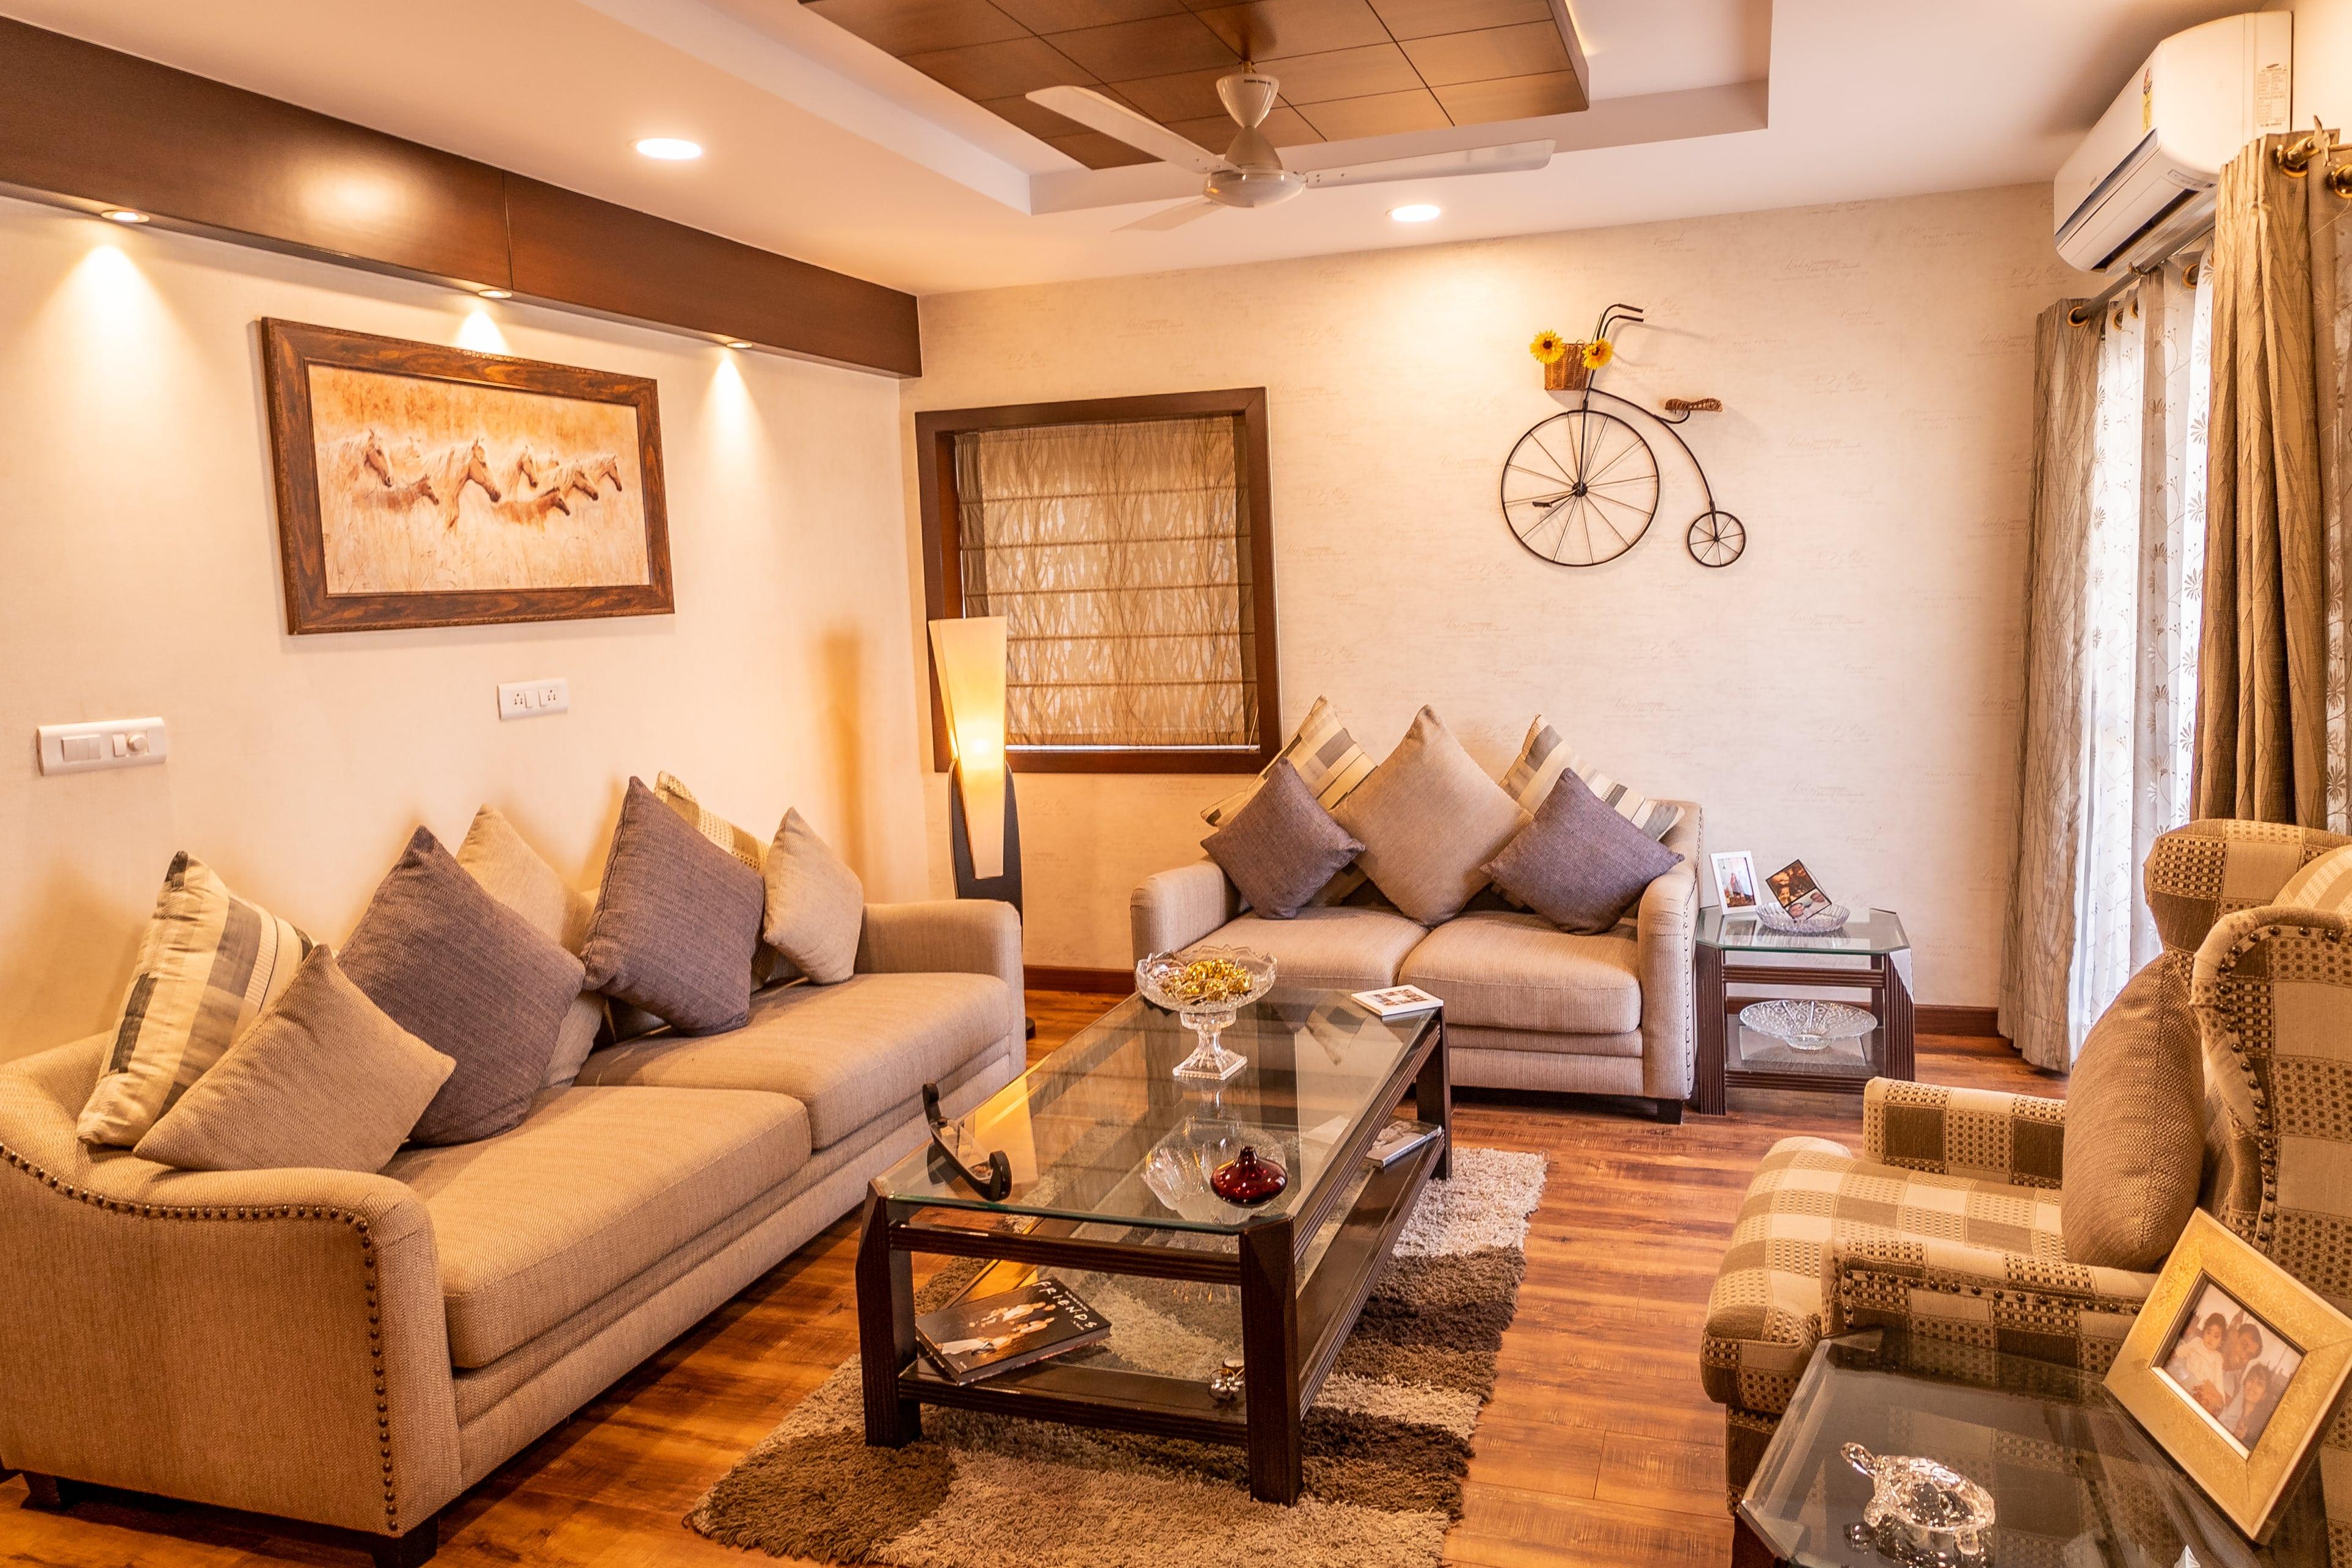 Apartment Interior Design Ideas for 2020   Cutting Edge Design Studio